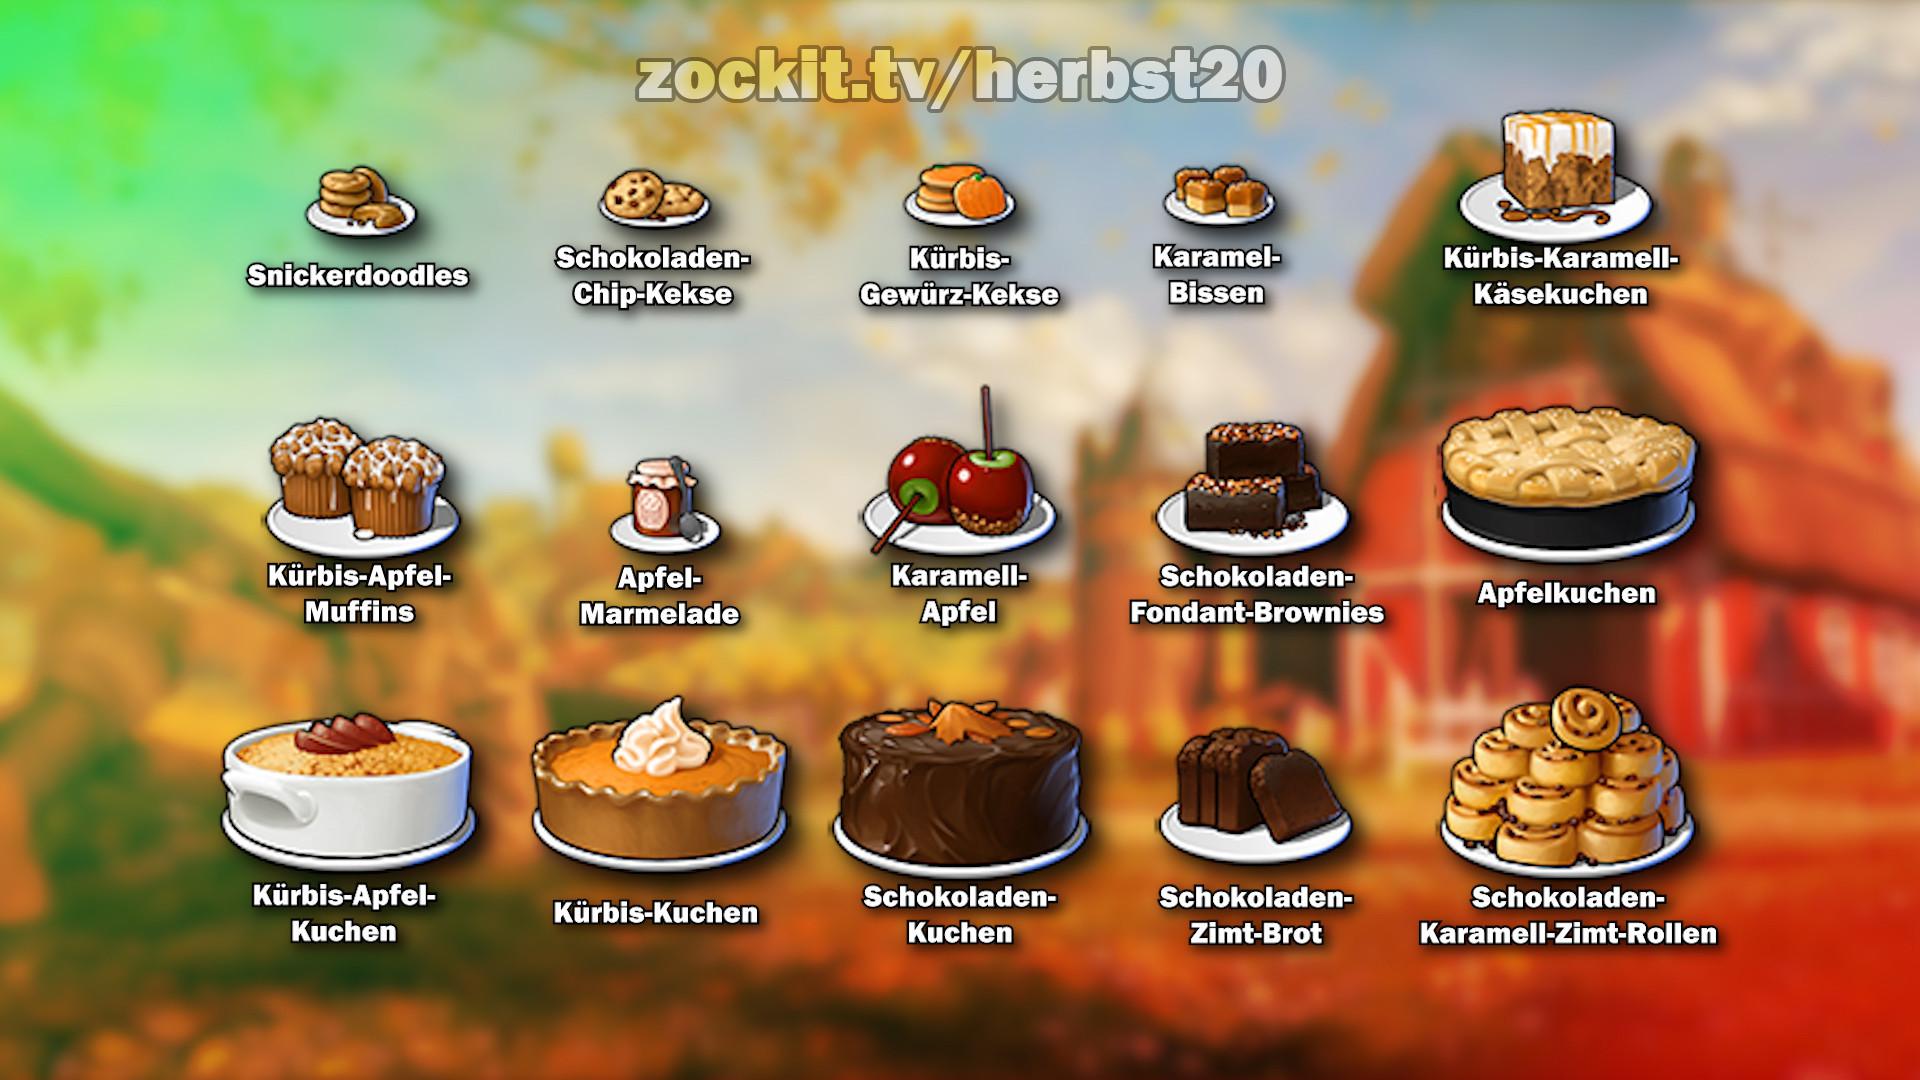 Herbst Event 2020 - Liste der Gebäcke